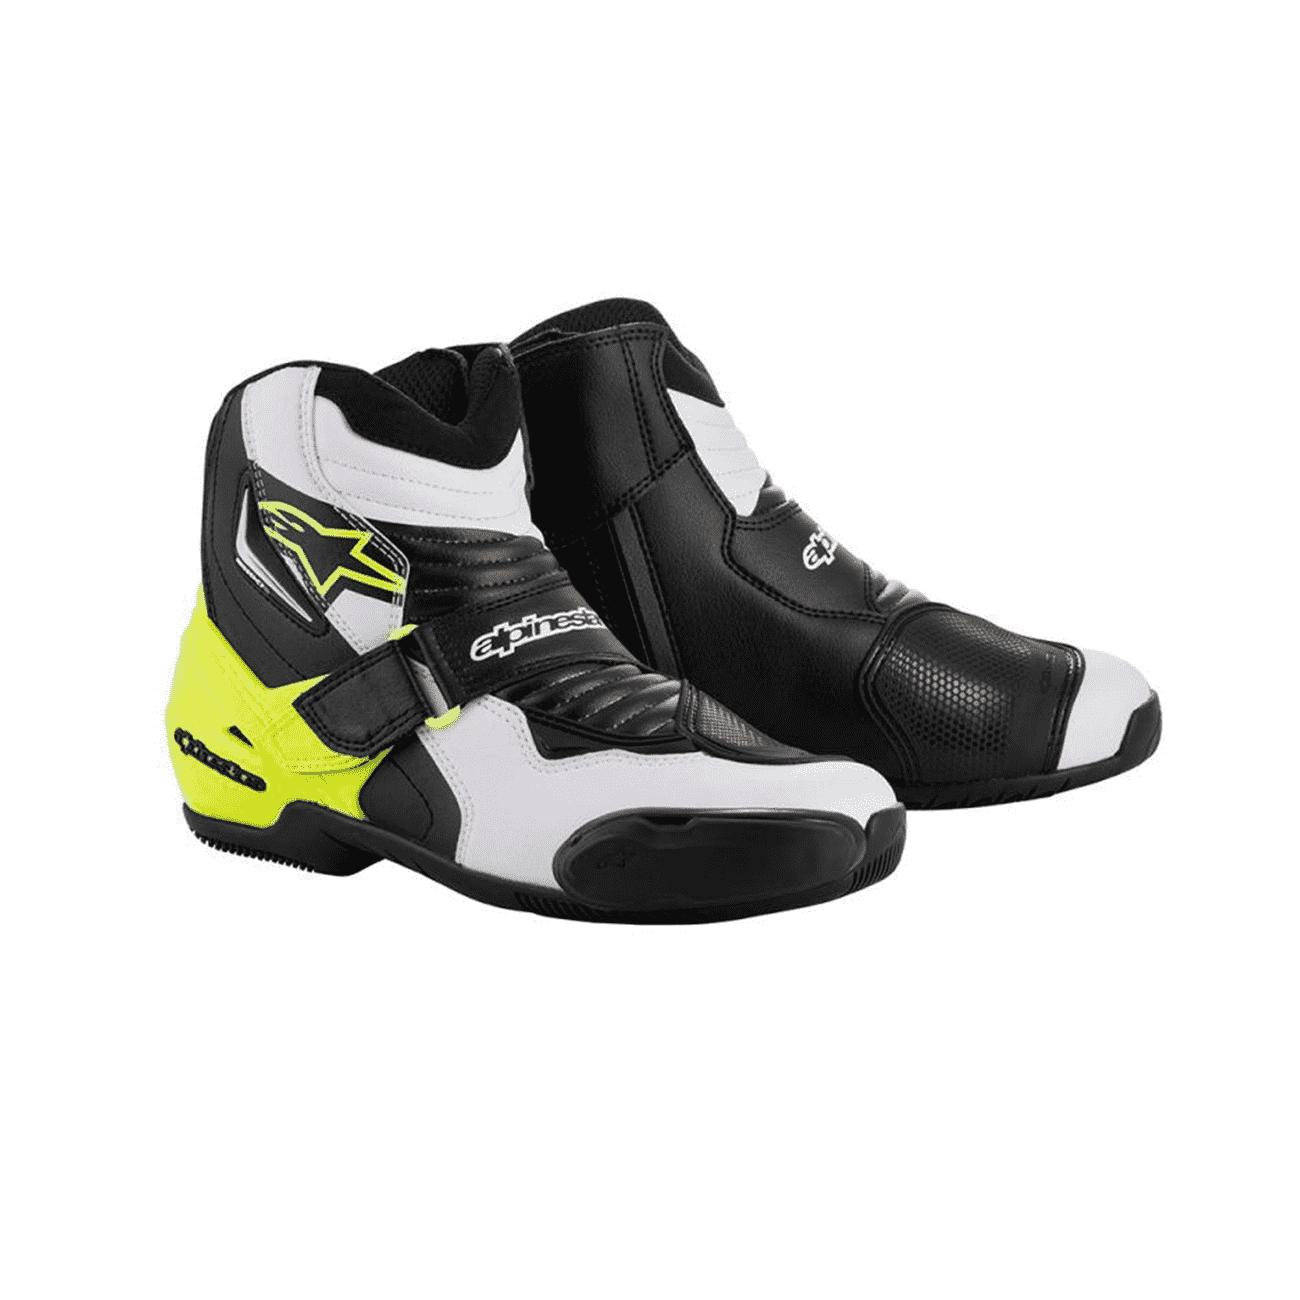 /Botas de Moto SMX S Negro Blanco/ Alpinestars/ /41